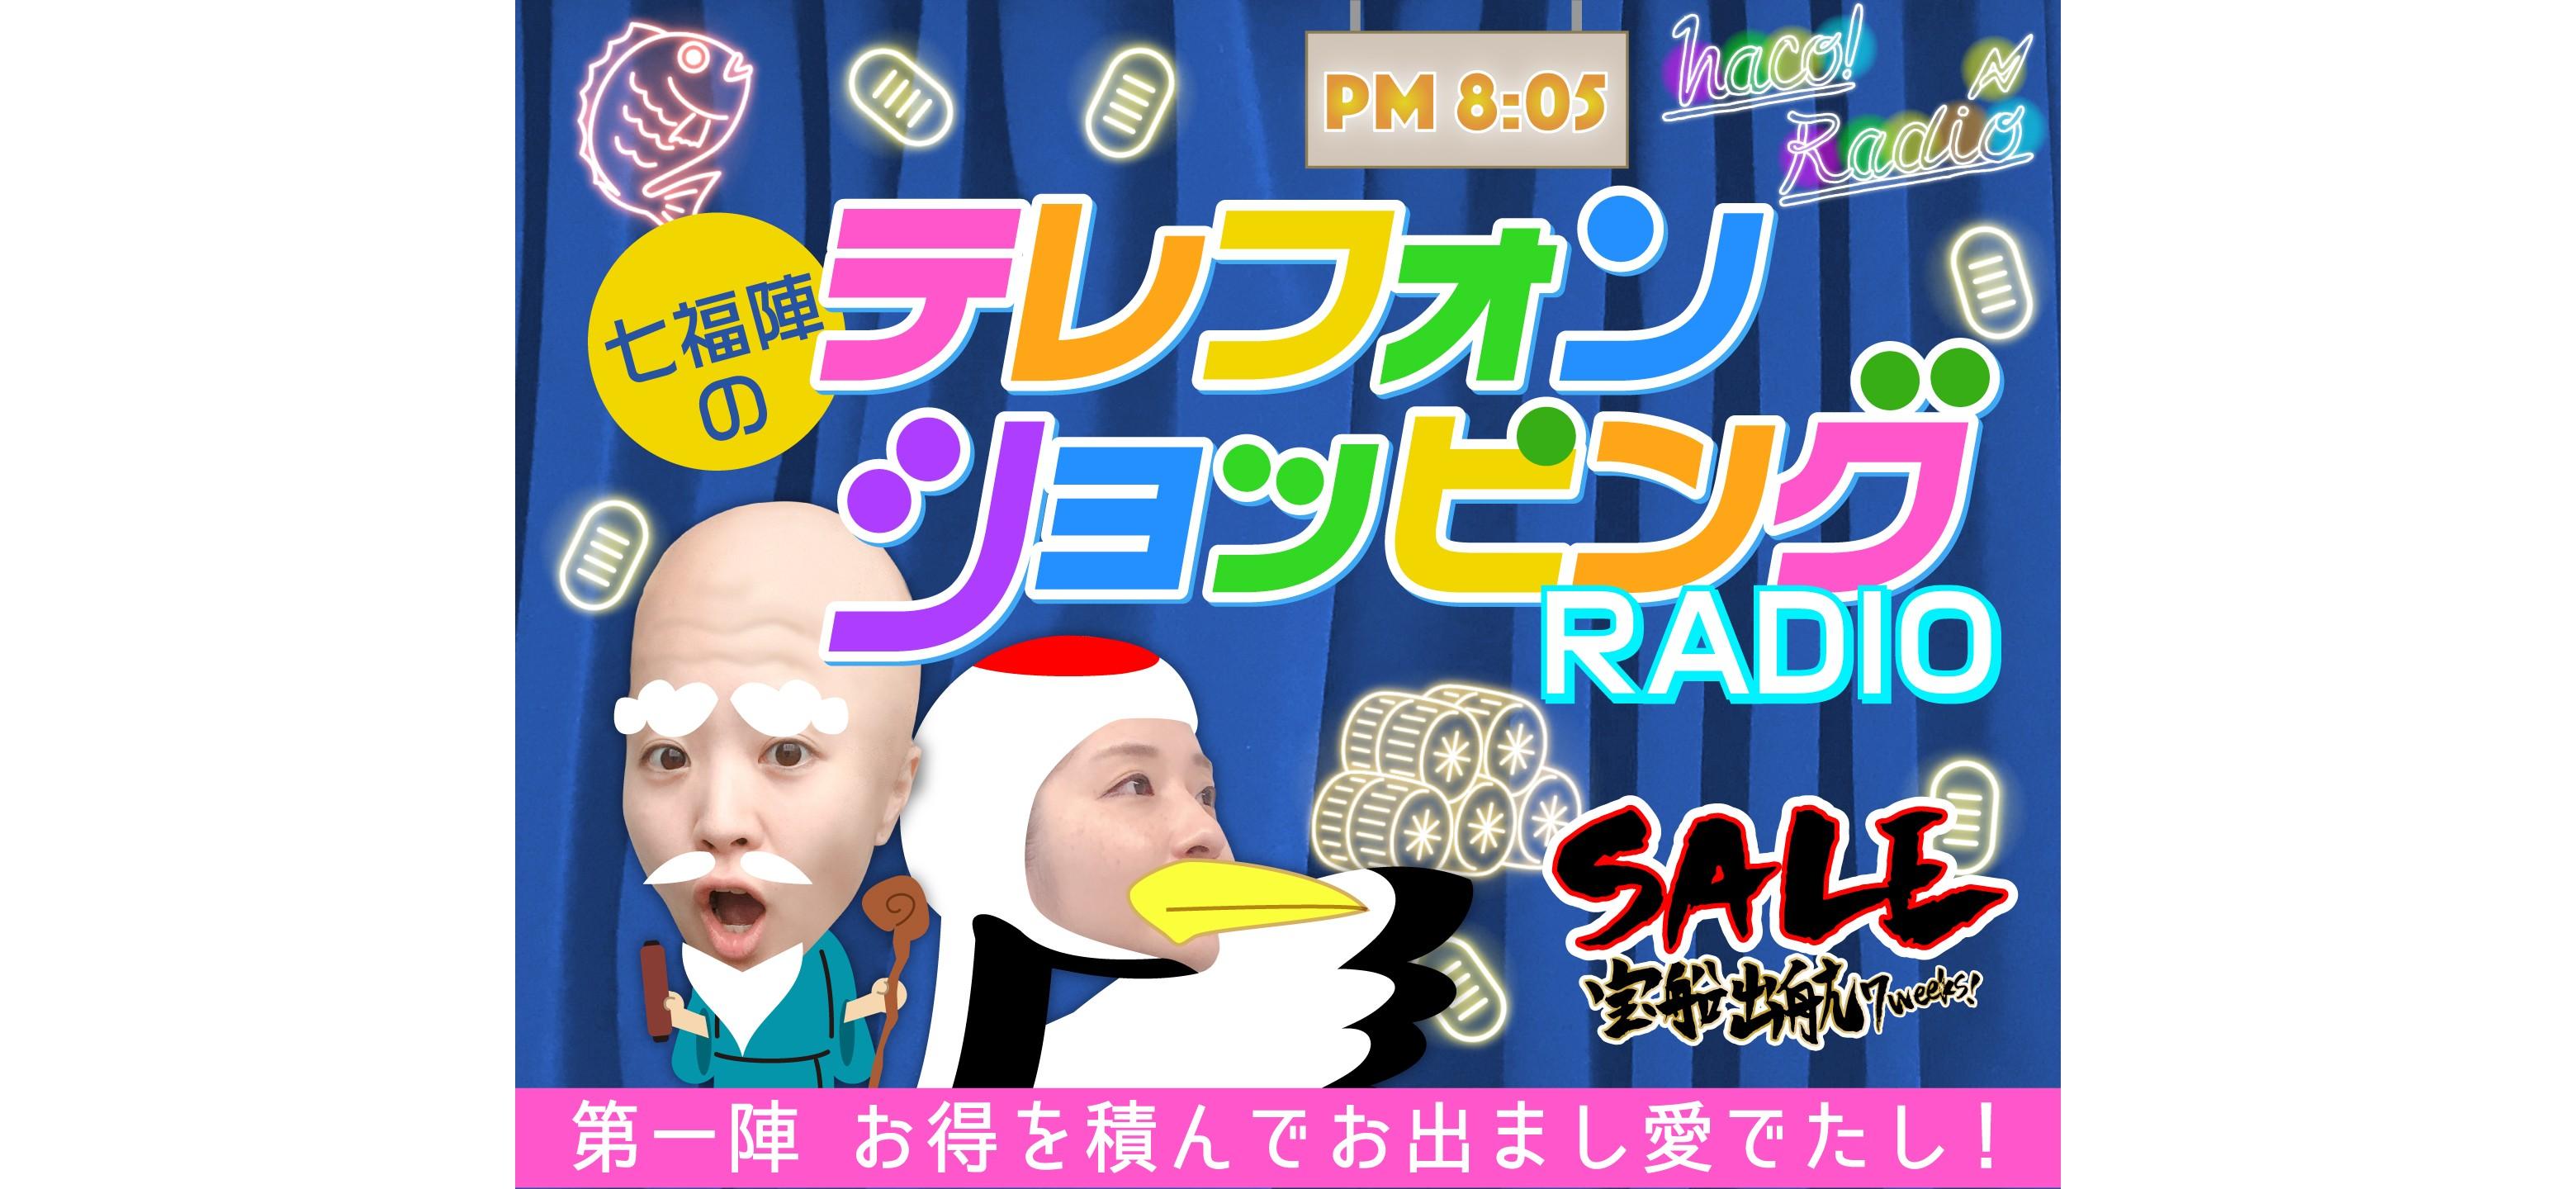 七福陣のテレフォンショッピング RADIO 1週目